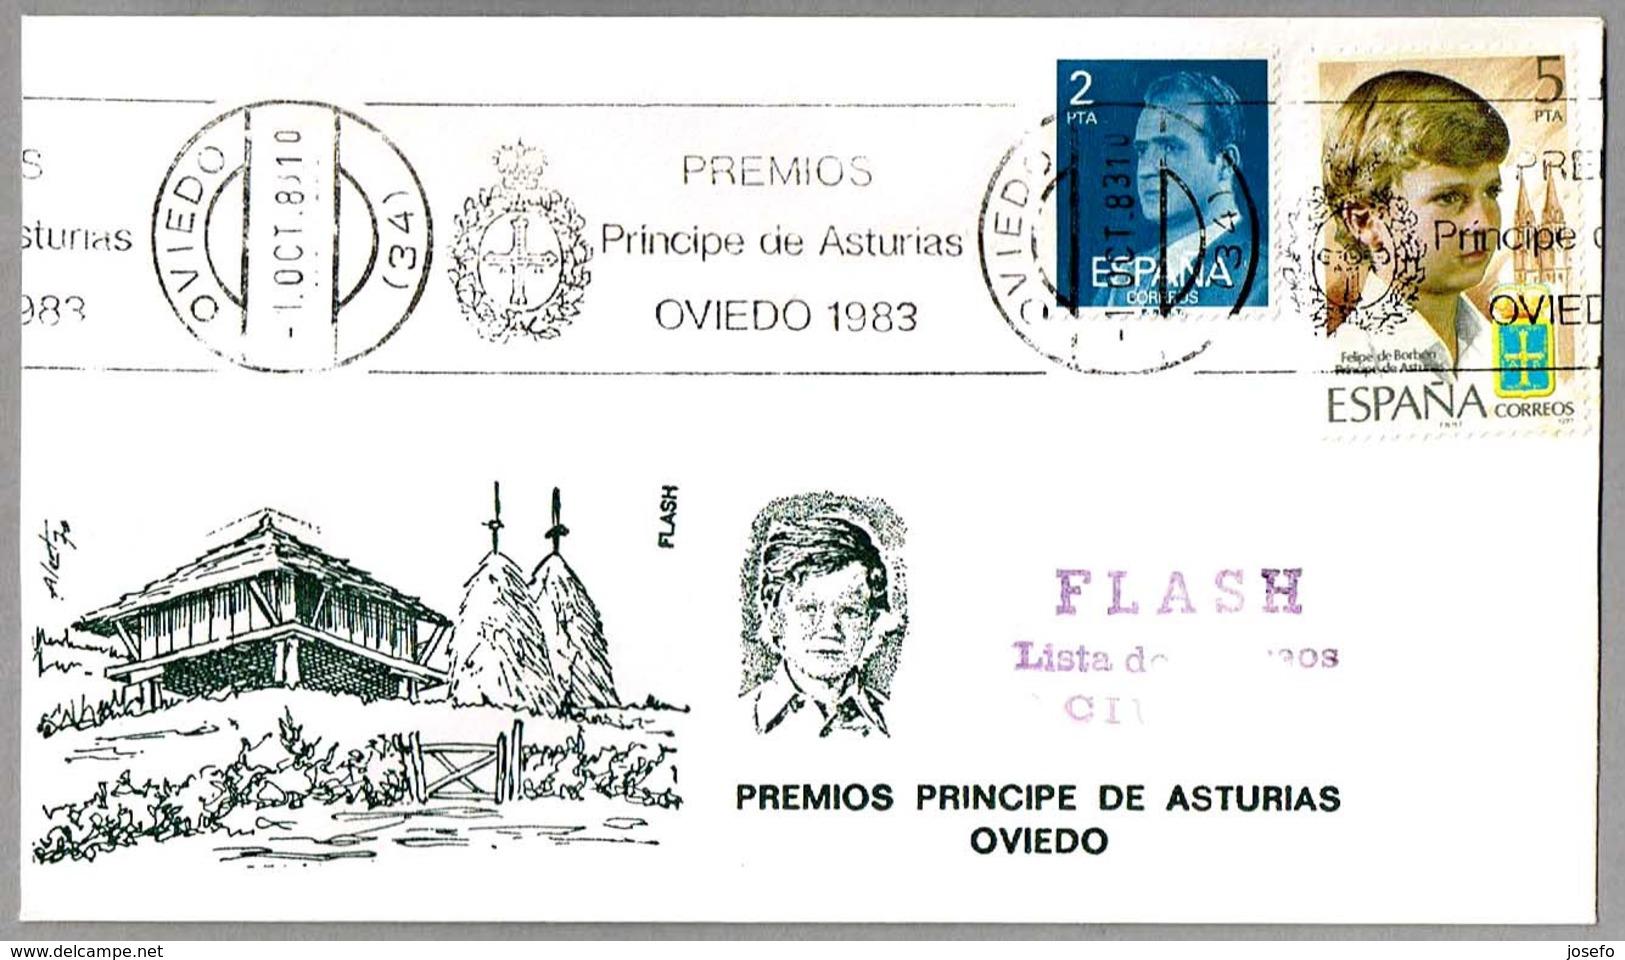 PREMIOS PRINCIPE DE ASTURIAS 1983. Oviedo, Asturias, 1983 - 1931-Hoy: 2ª República - ... Juan Carlos I